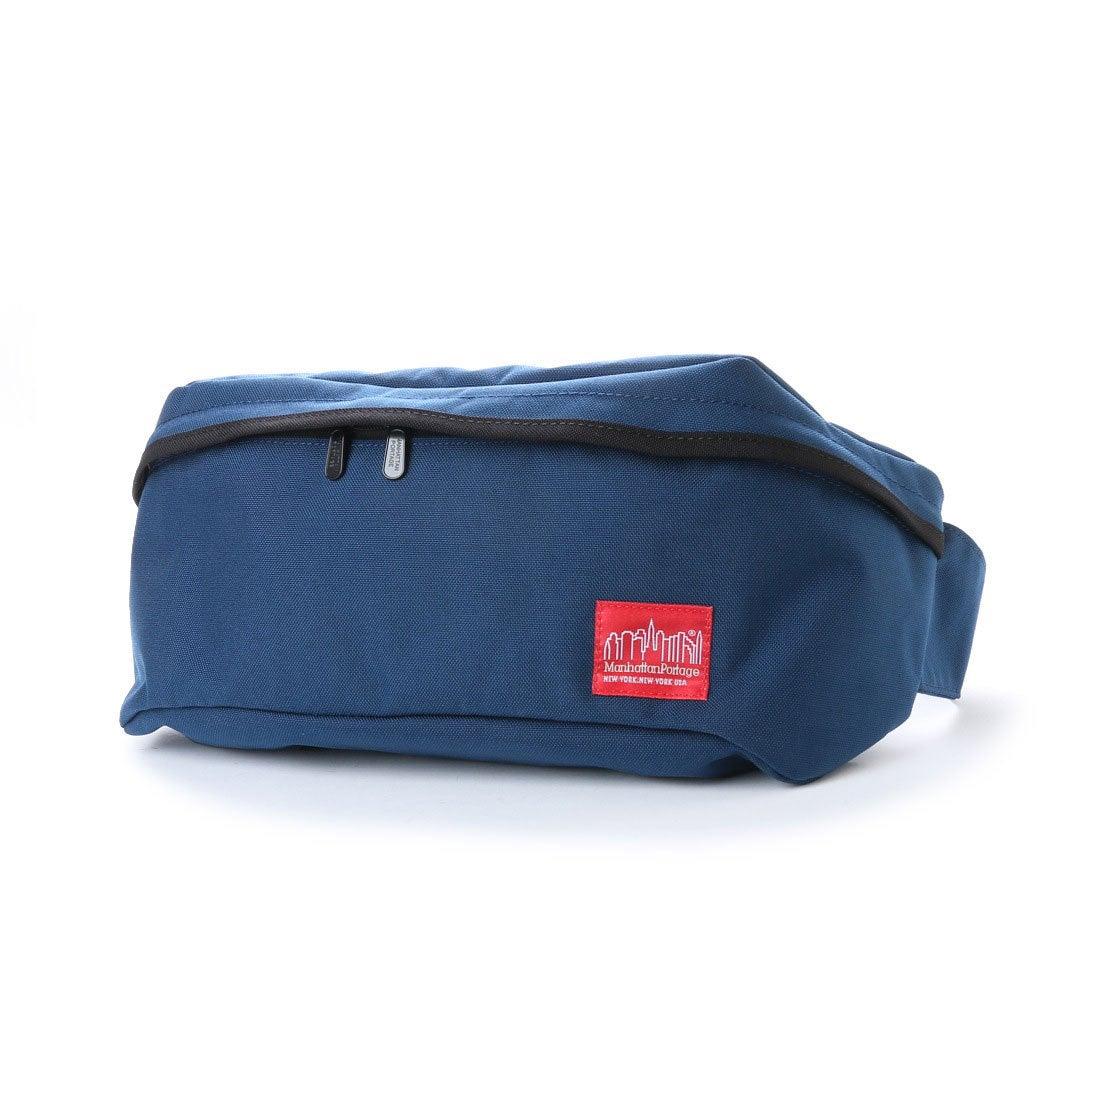 マンハッタンポーテージ Manhattan Portage Fixie Waist Bag (Navy)